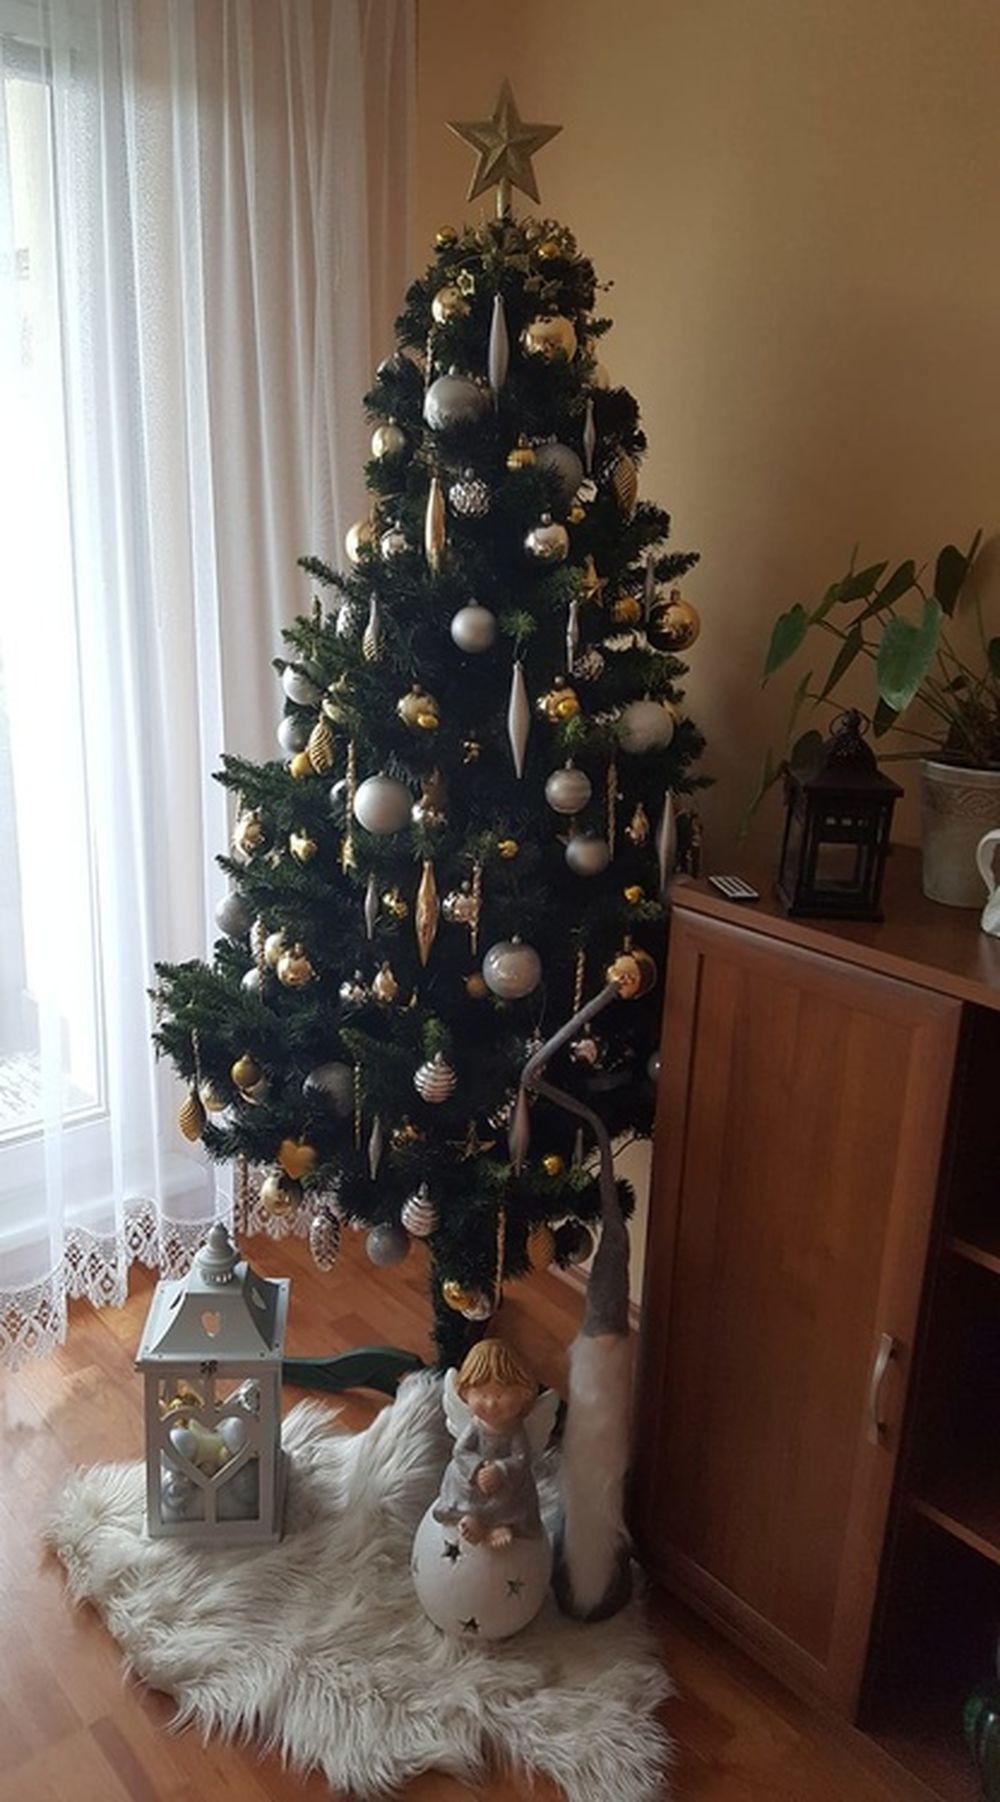 FOTO: Vianočné stromčeky v Žiline - výber fotografií našich čitateľov, foto 38